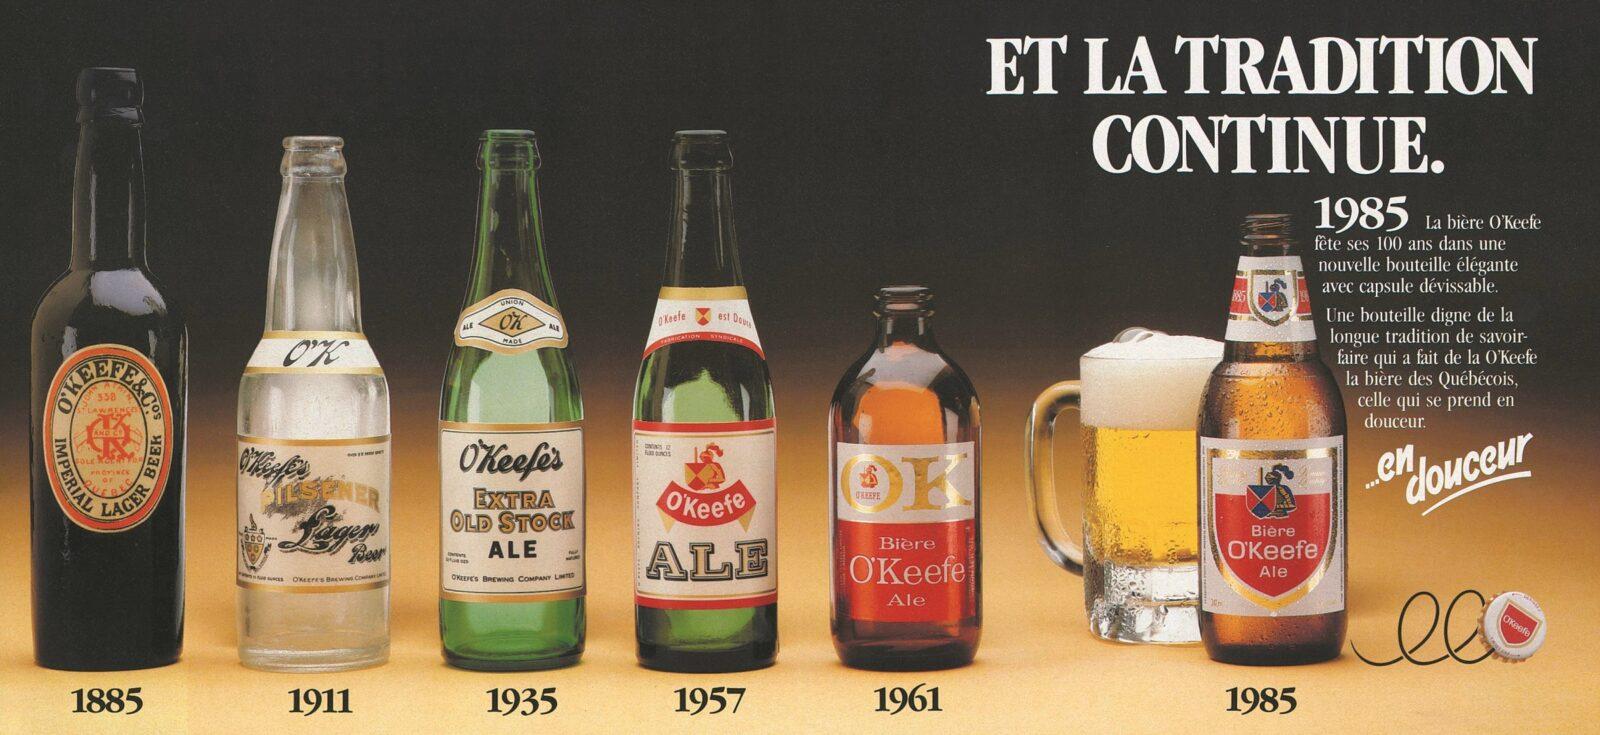 Cette publicité témoigne de l'évolution de la bouteille de bière commercialisée par la compagnie O'Keefe sur un siècle.